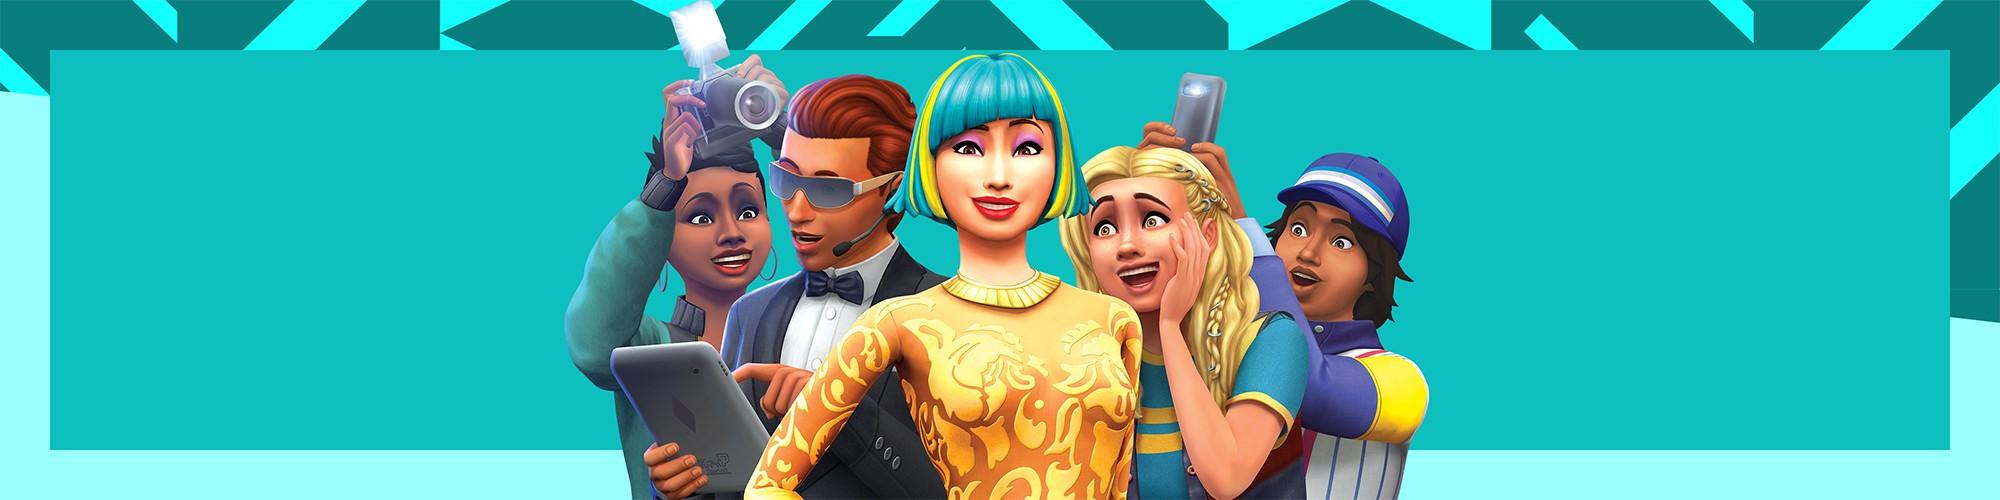 Video Games for Mac Download | Origin